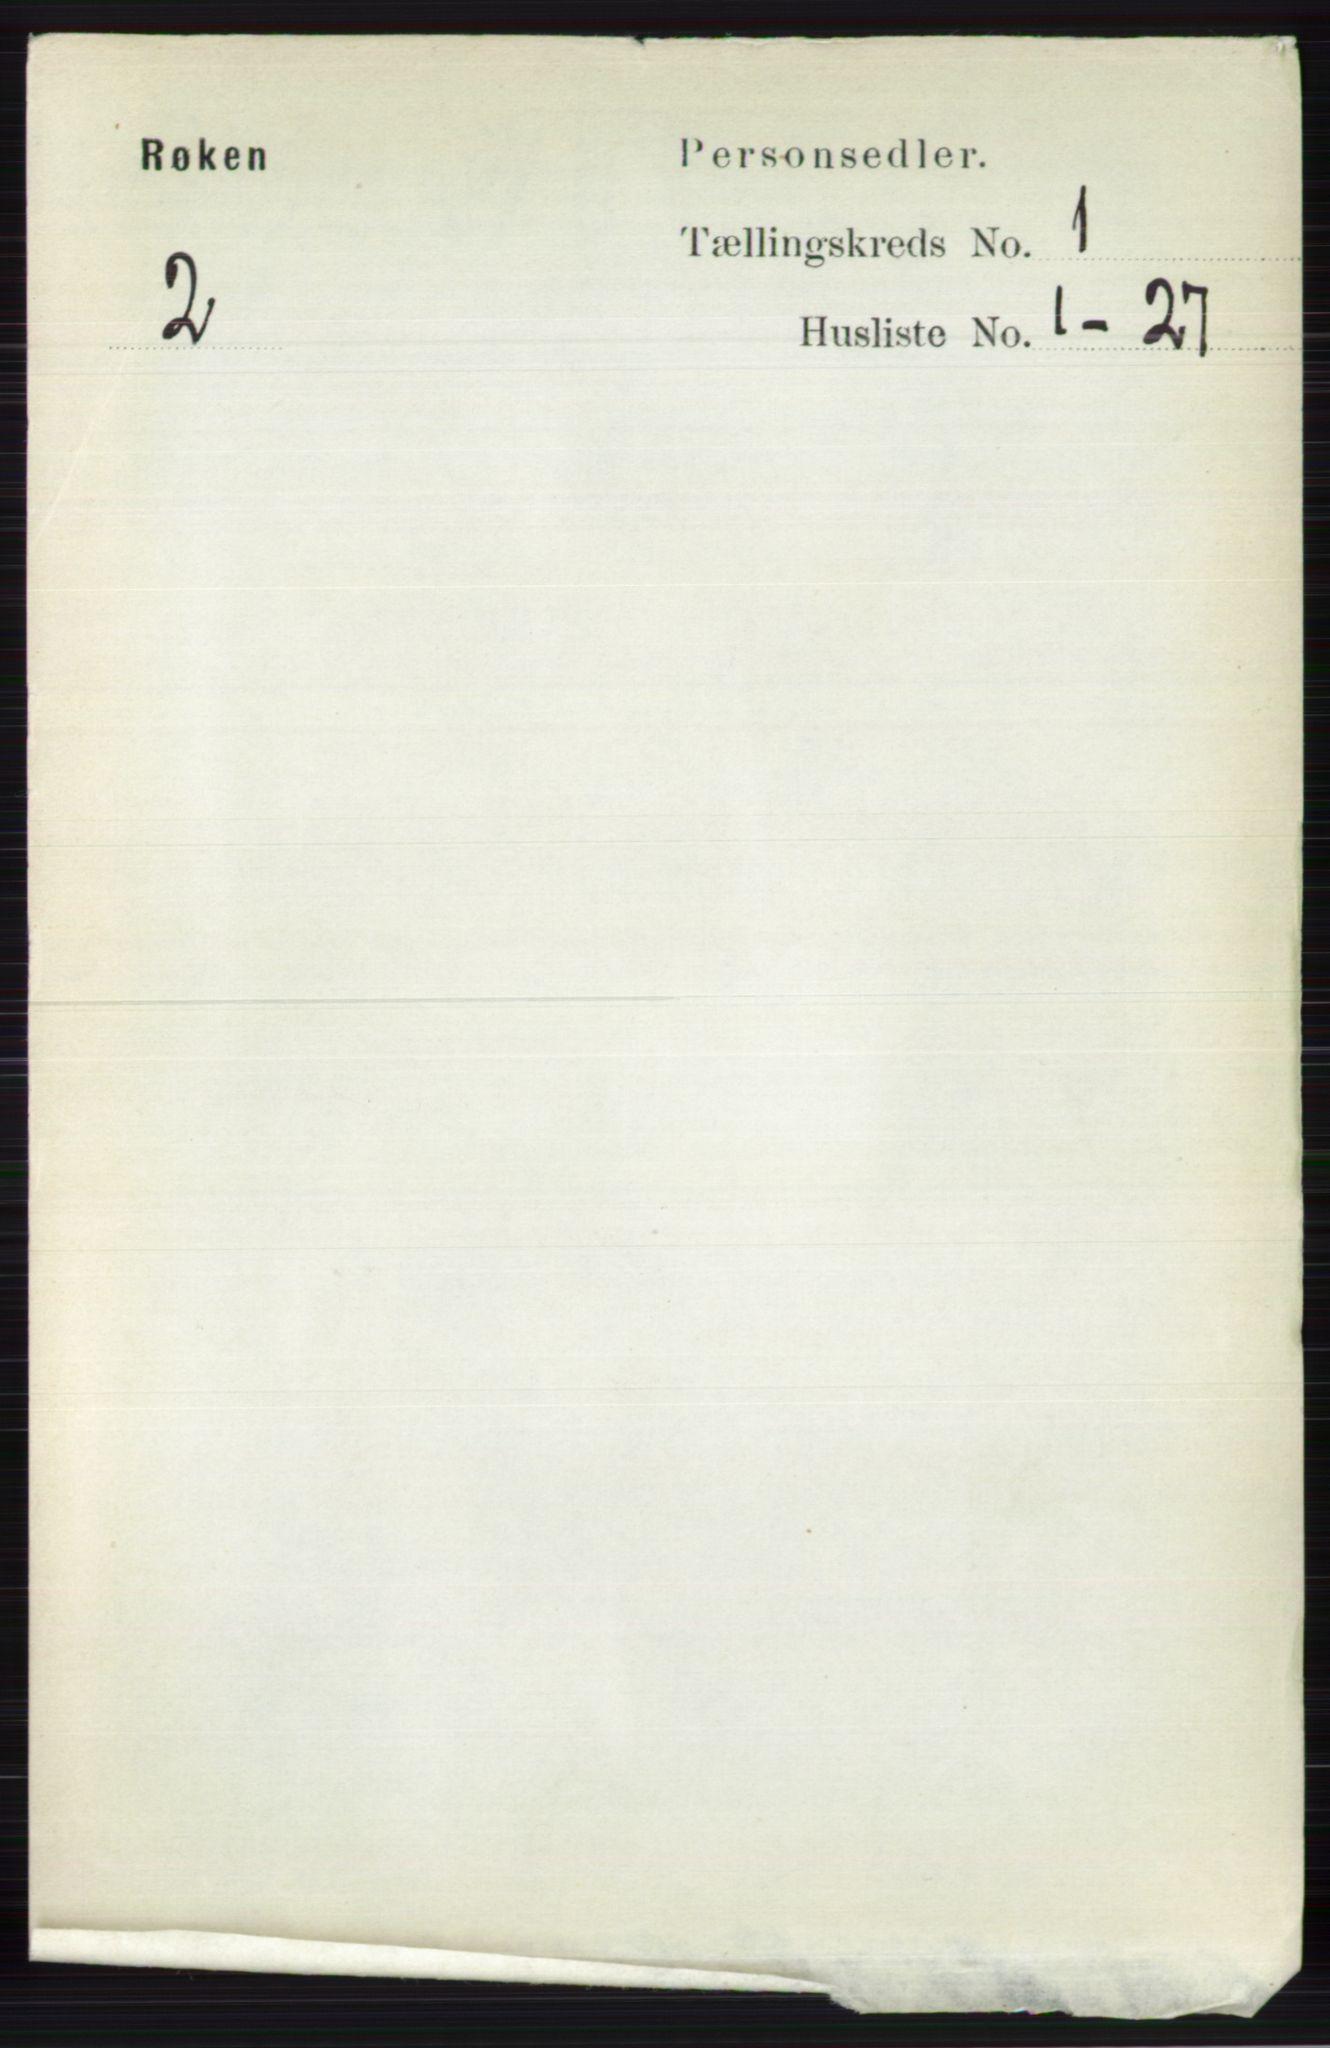 RA, Folketelling 1891 for 0627 Røyken herred, 1891, s. 83